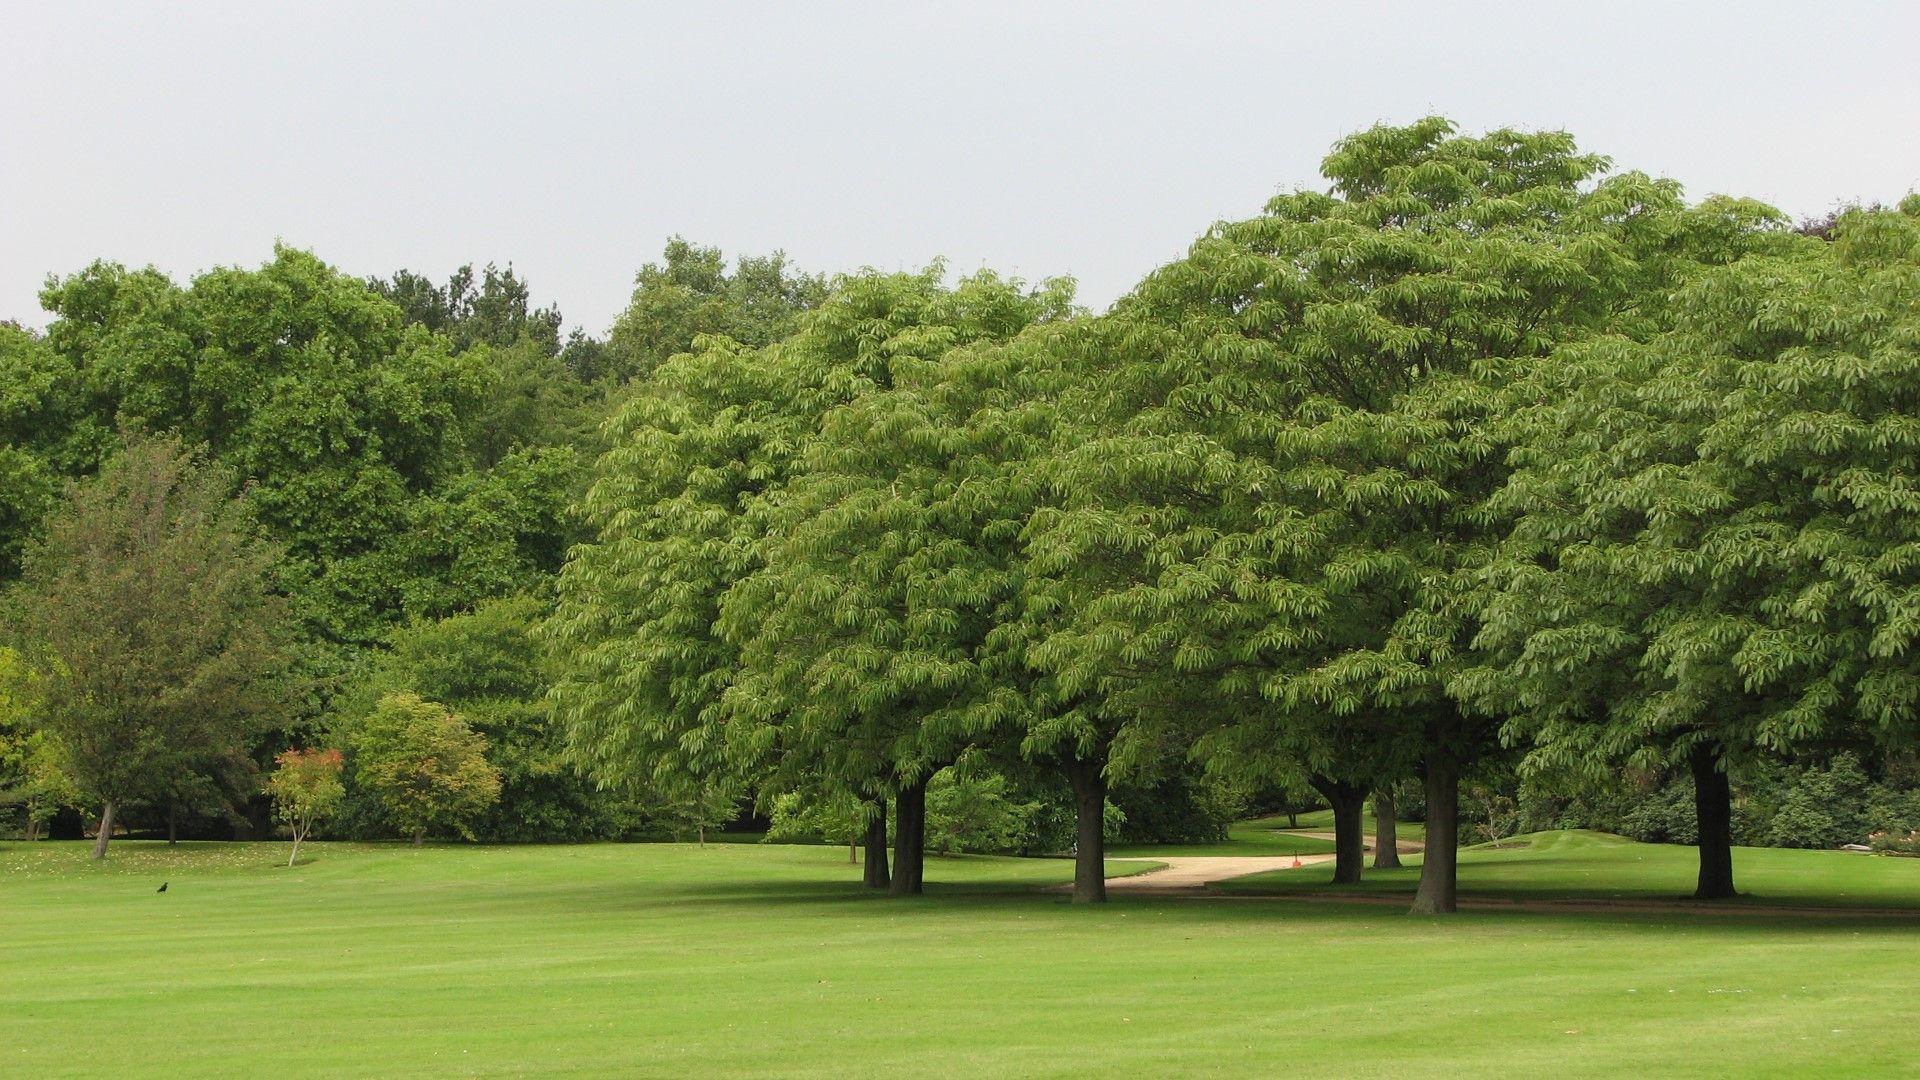 Перфектните морави в градините на Бъкингамския дворец са отворени за пикник това лято